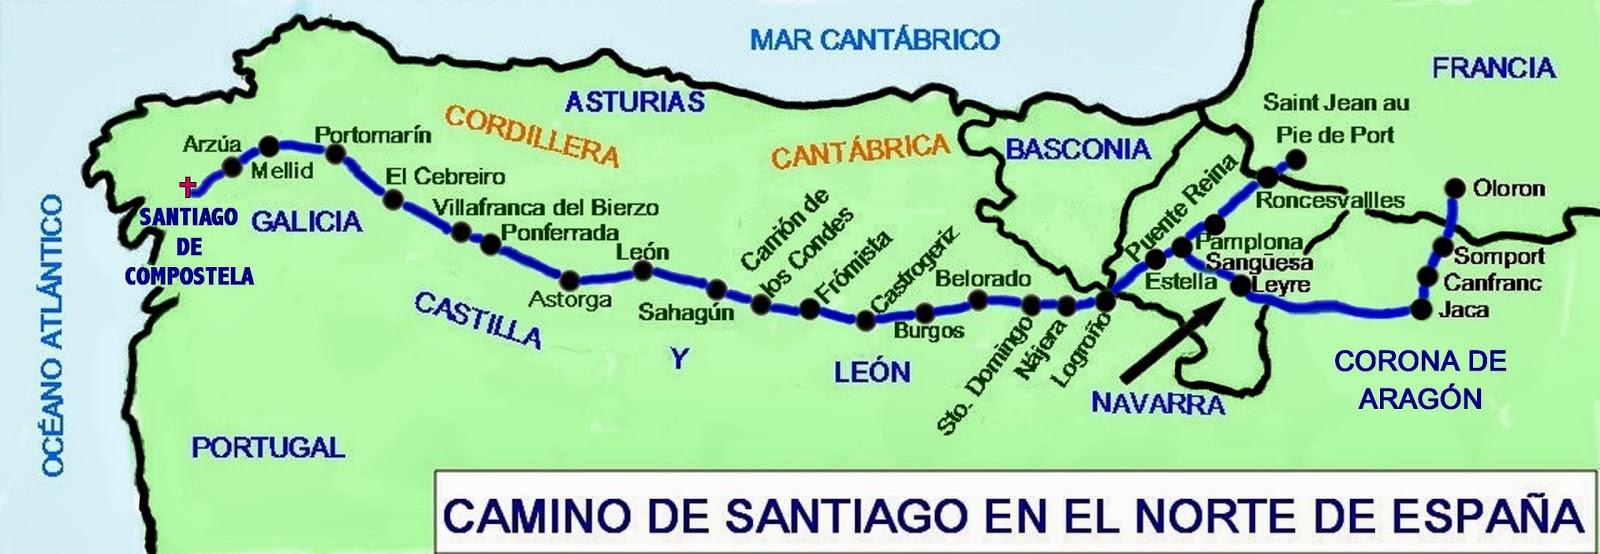 HISTOGEOMAPAS: EL CAMINO DE SANTIAGO